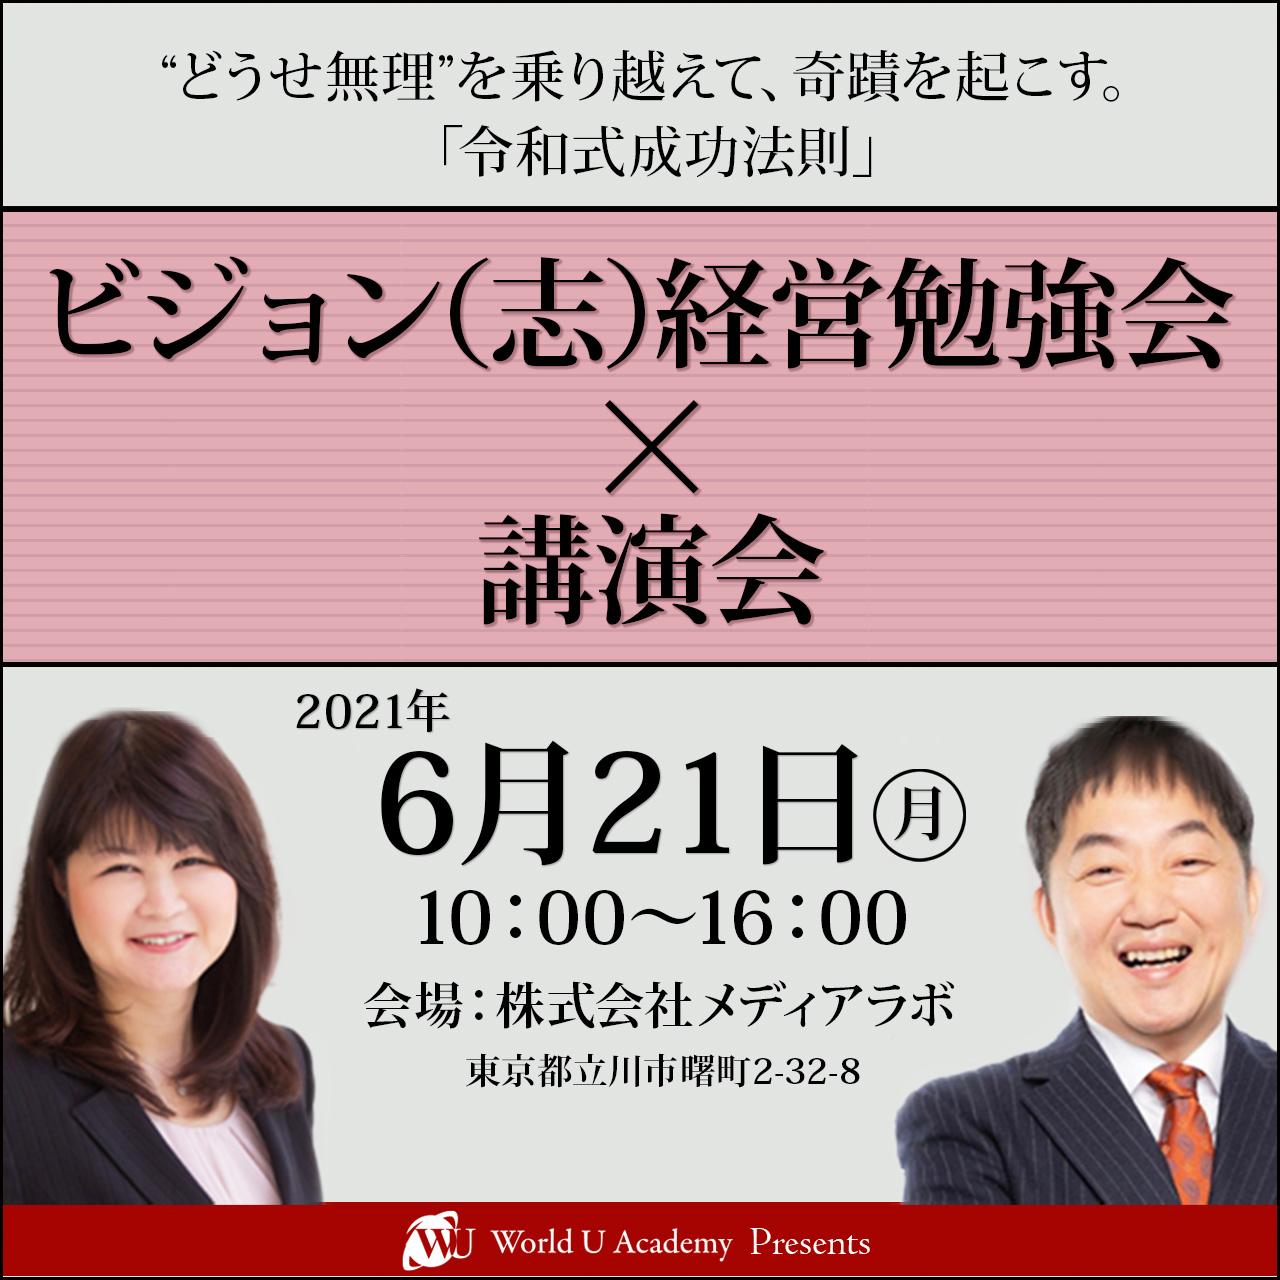 2021年6月21日 ビジョン(志)経営勉強会×講演会